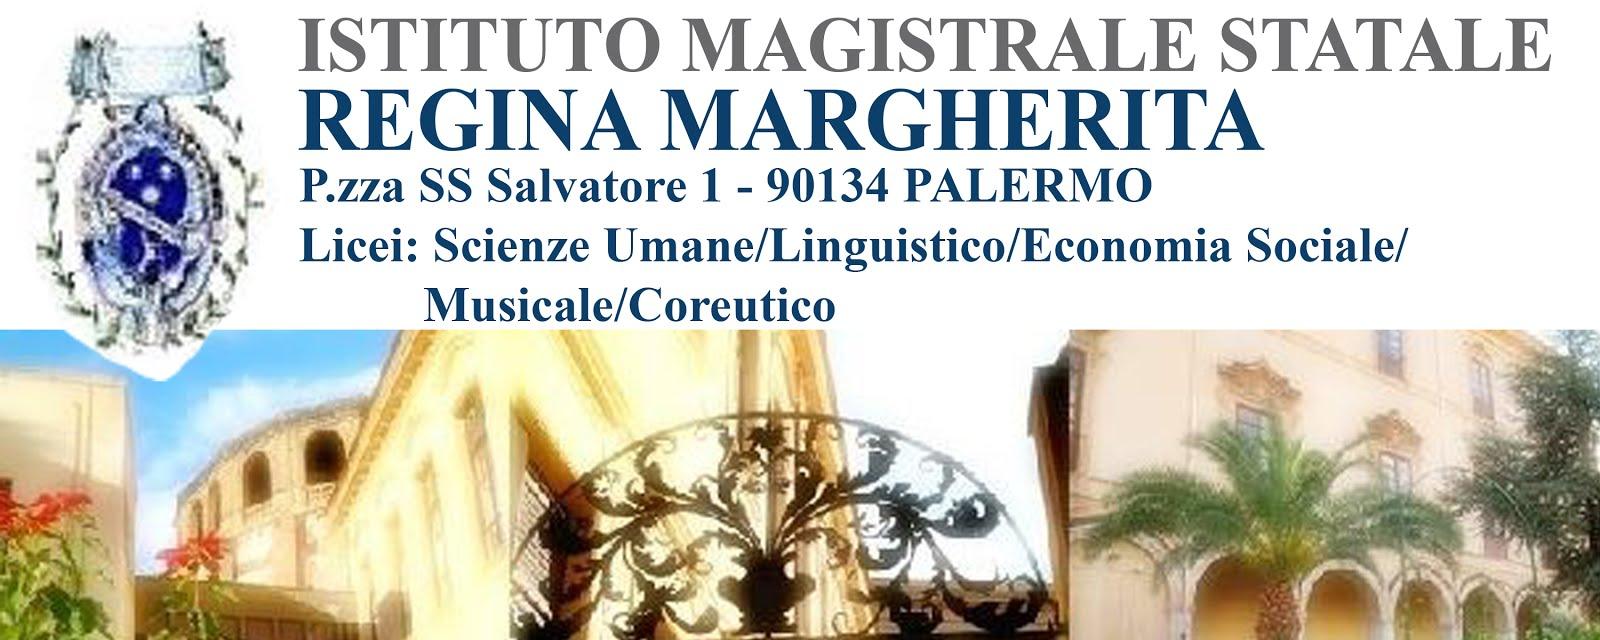 Istituto Magistrale Statale Regina Margherita